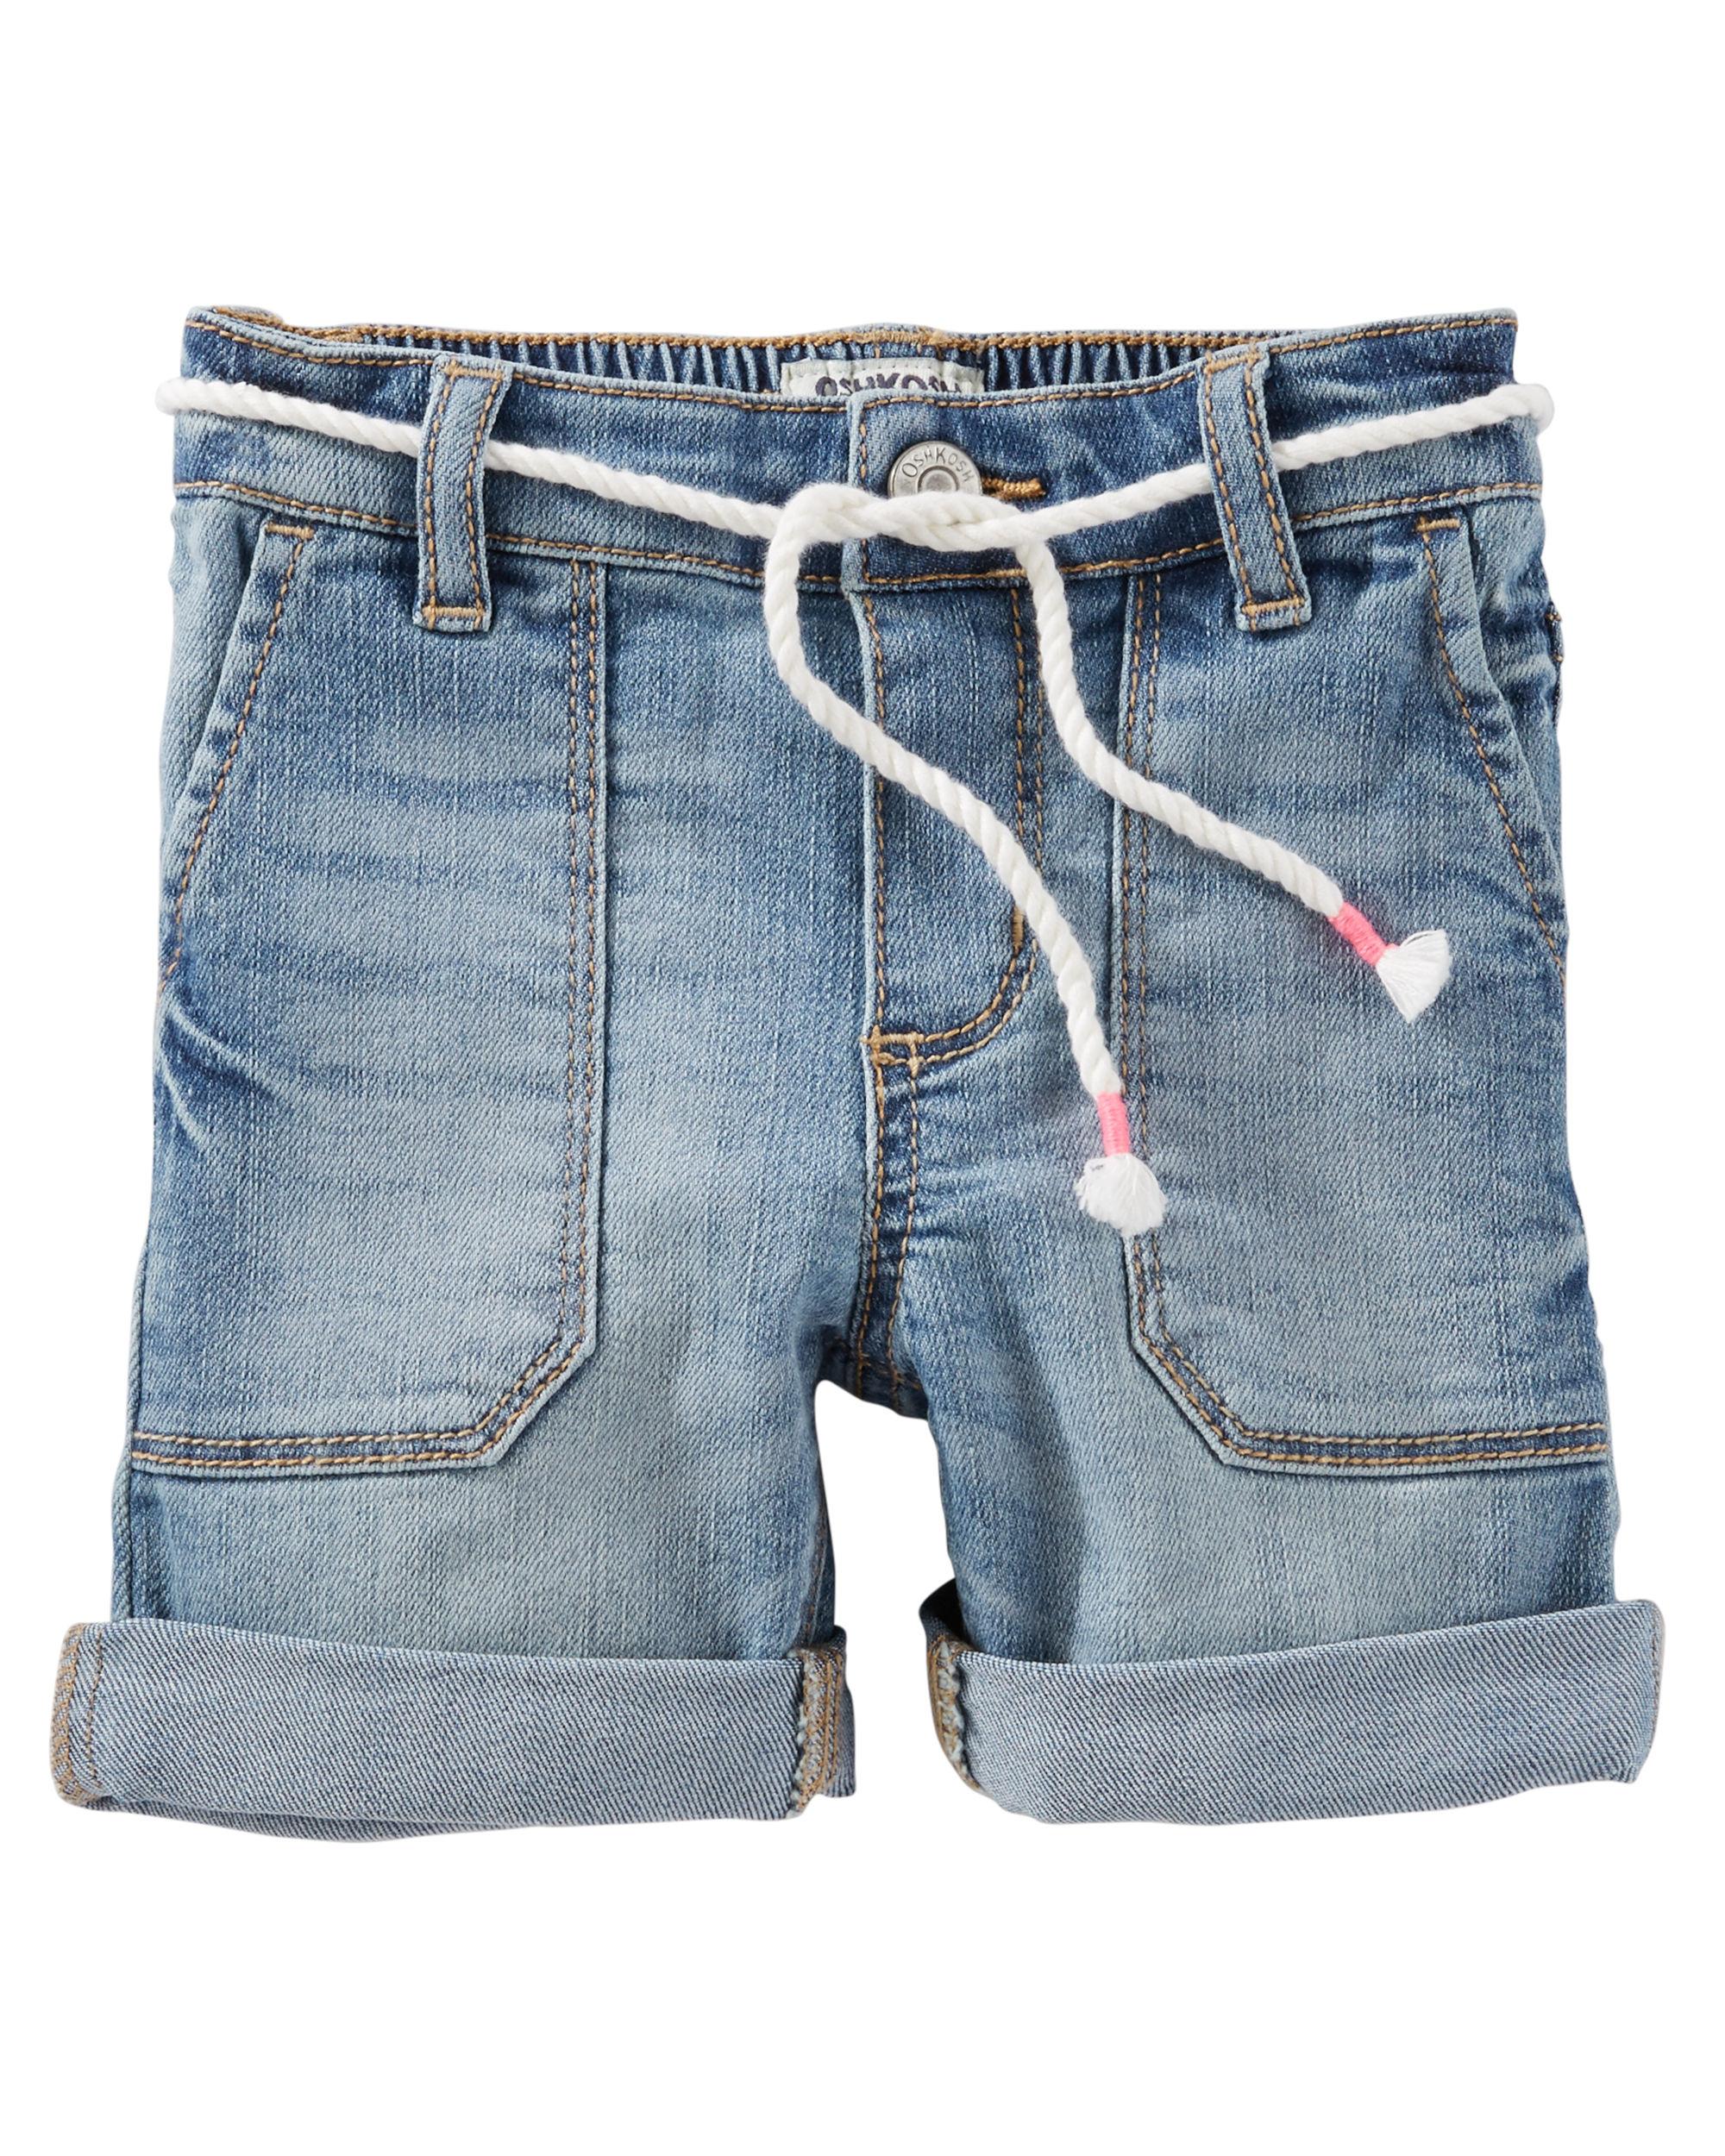 OshKosh B'gosh Baby Girls' Stretch Denim Shorts, 12 Months